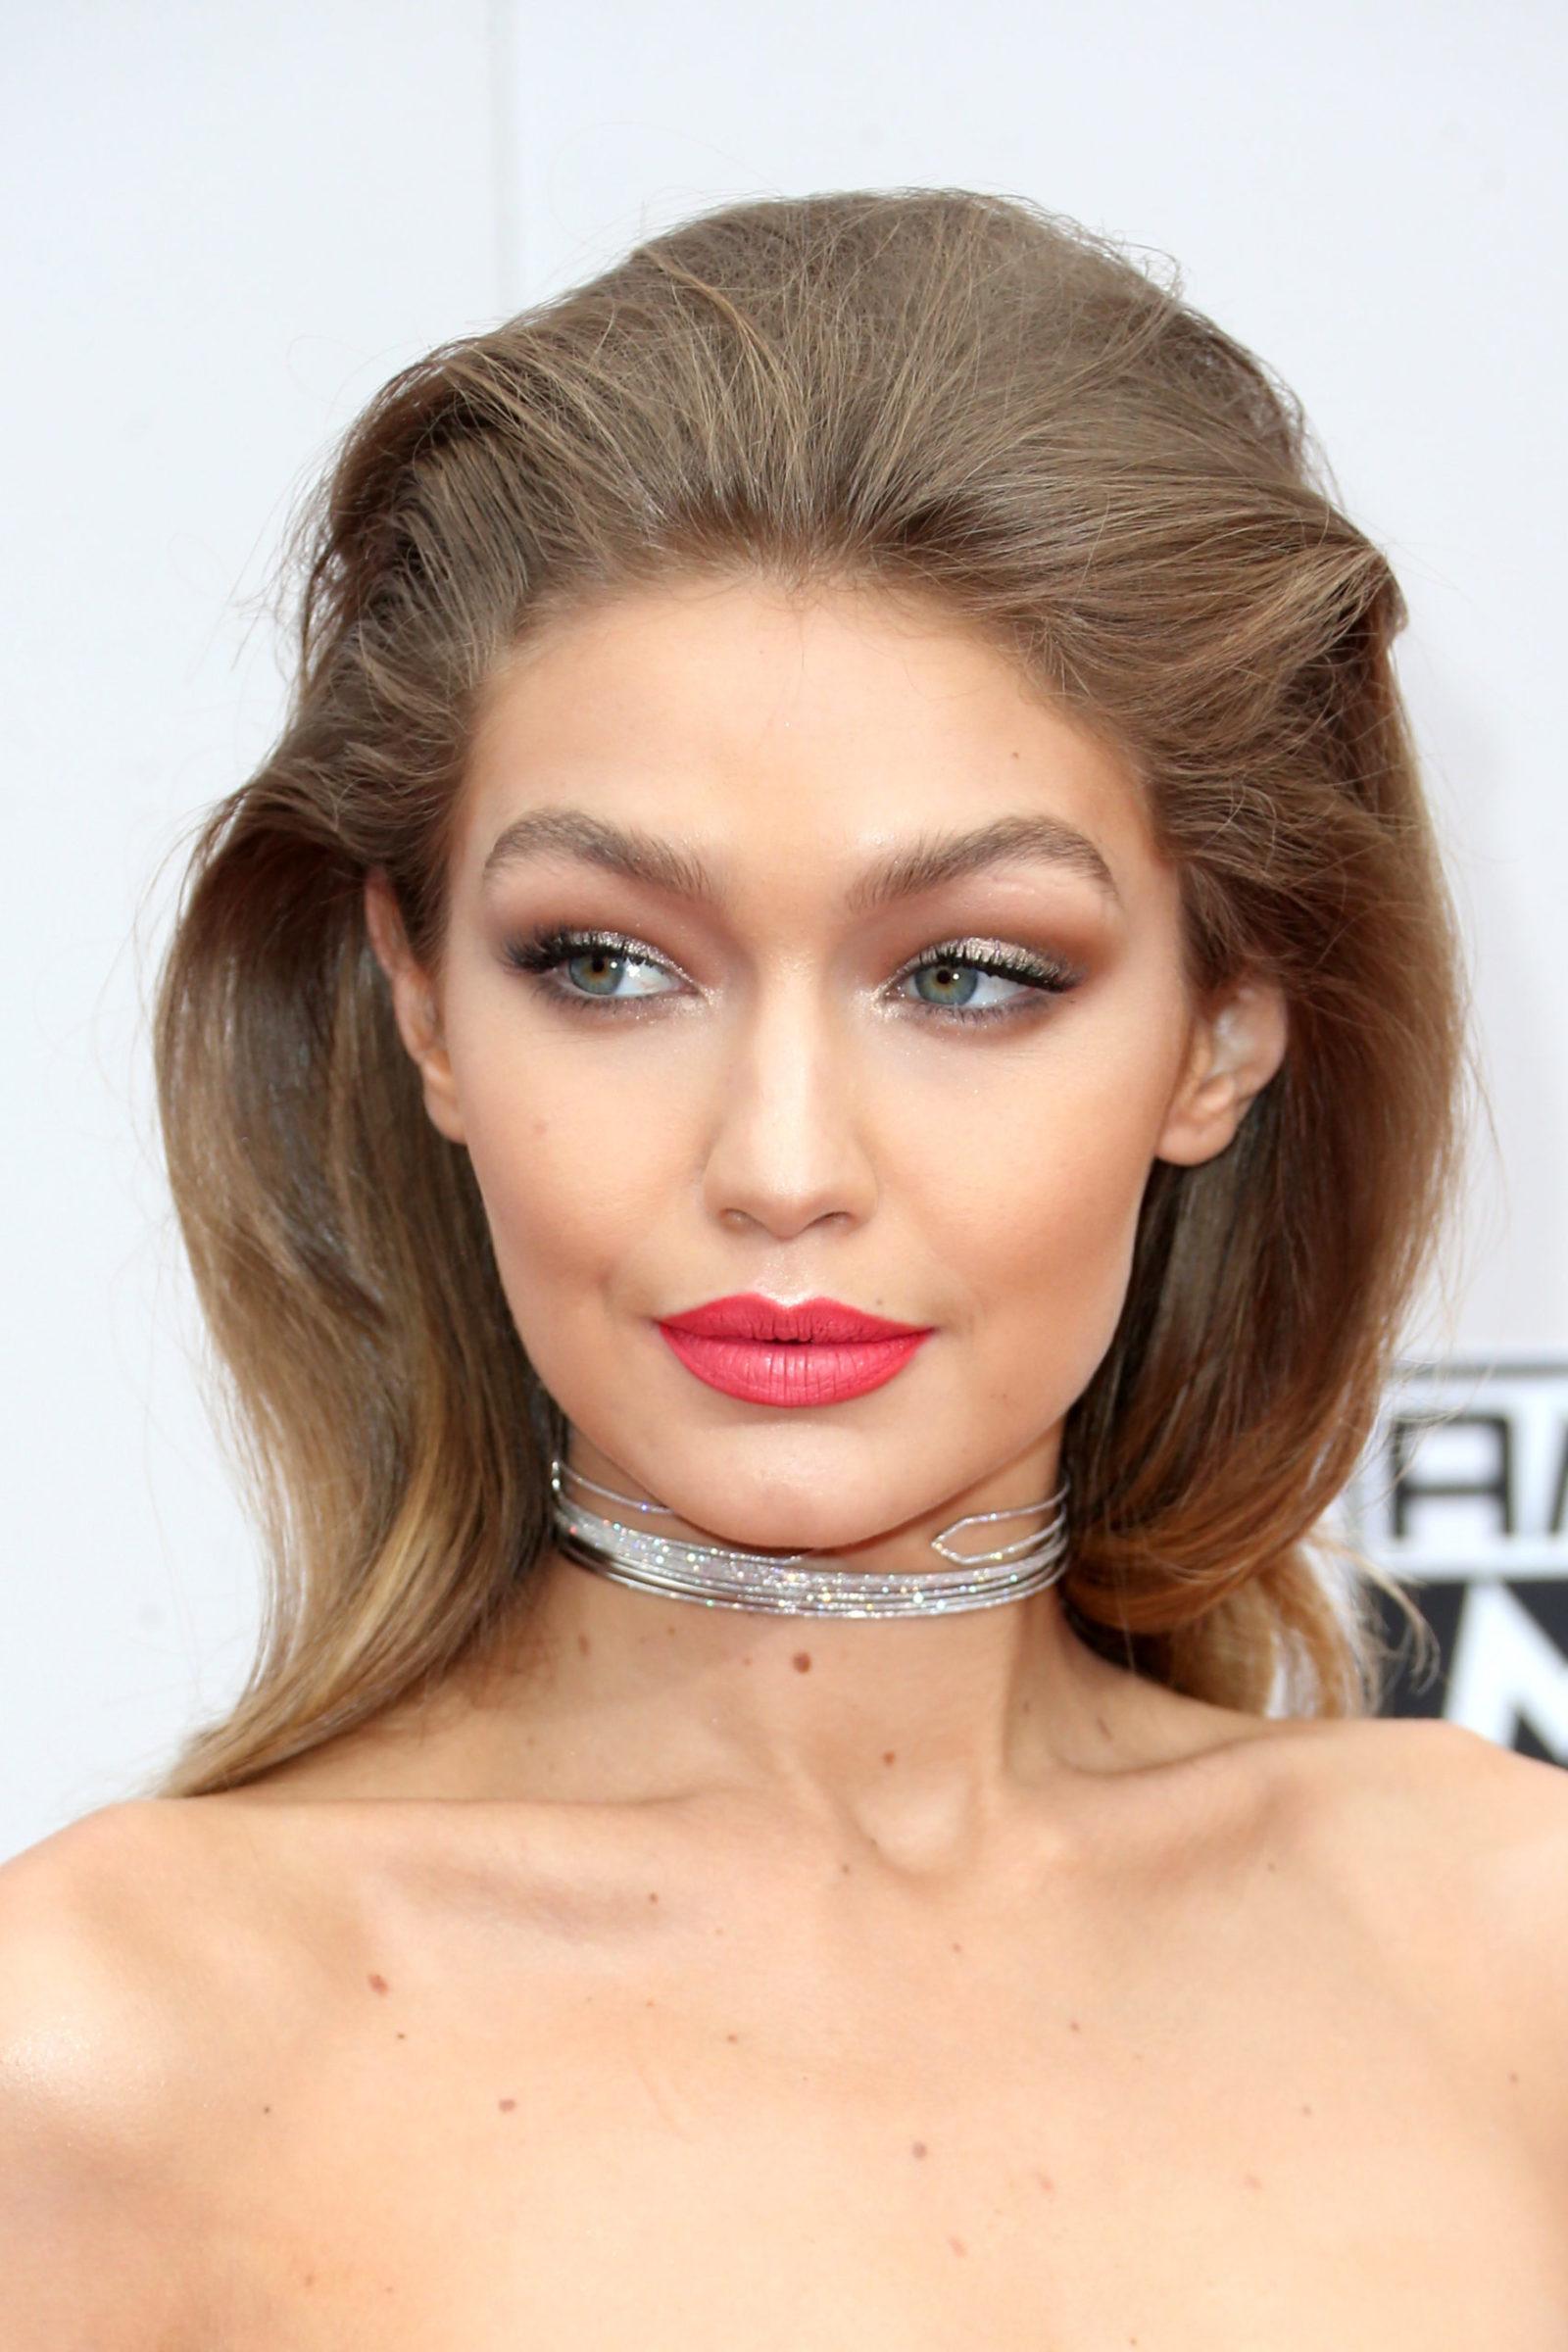 Gigi Hadid com make bela e iluminada em tons de marrom + batom coral e cabelo bafo todo para trás com volume